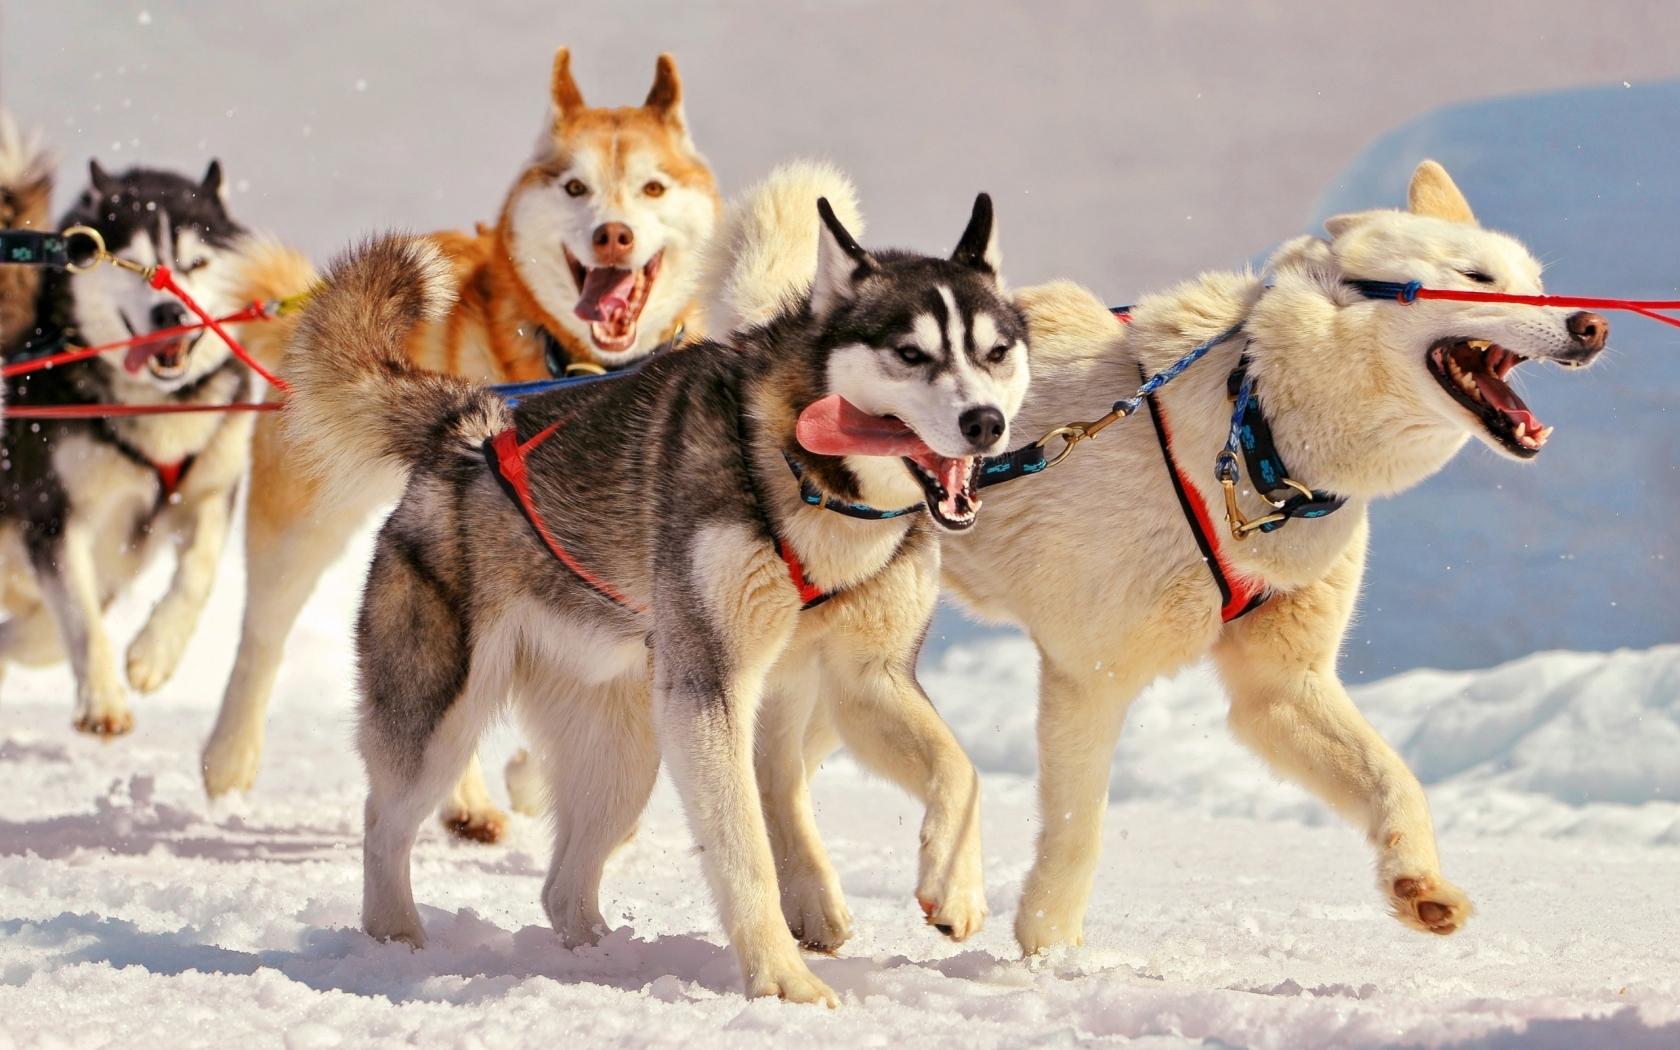 Perros en la nieve - 1680x1050